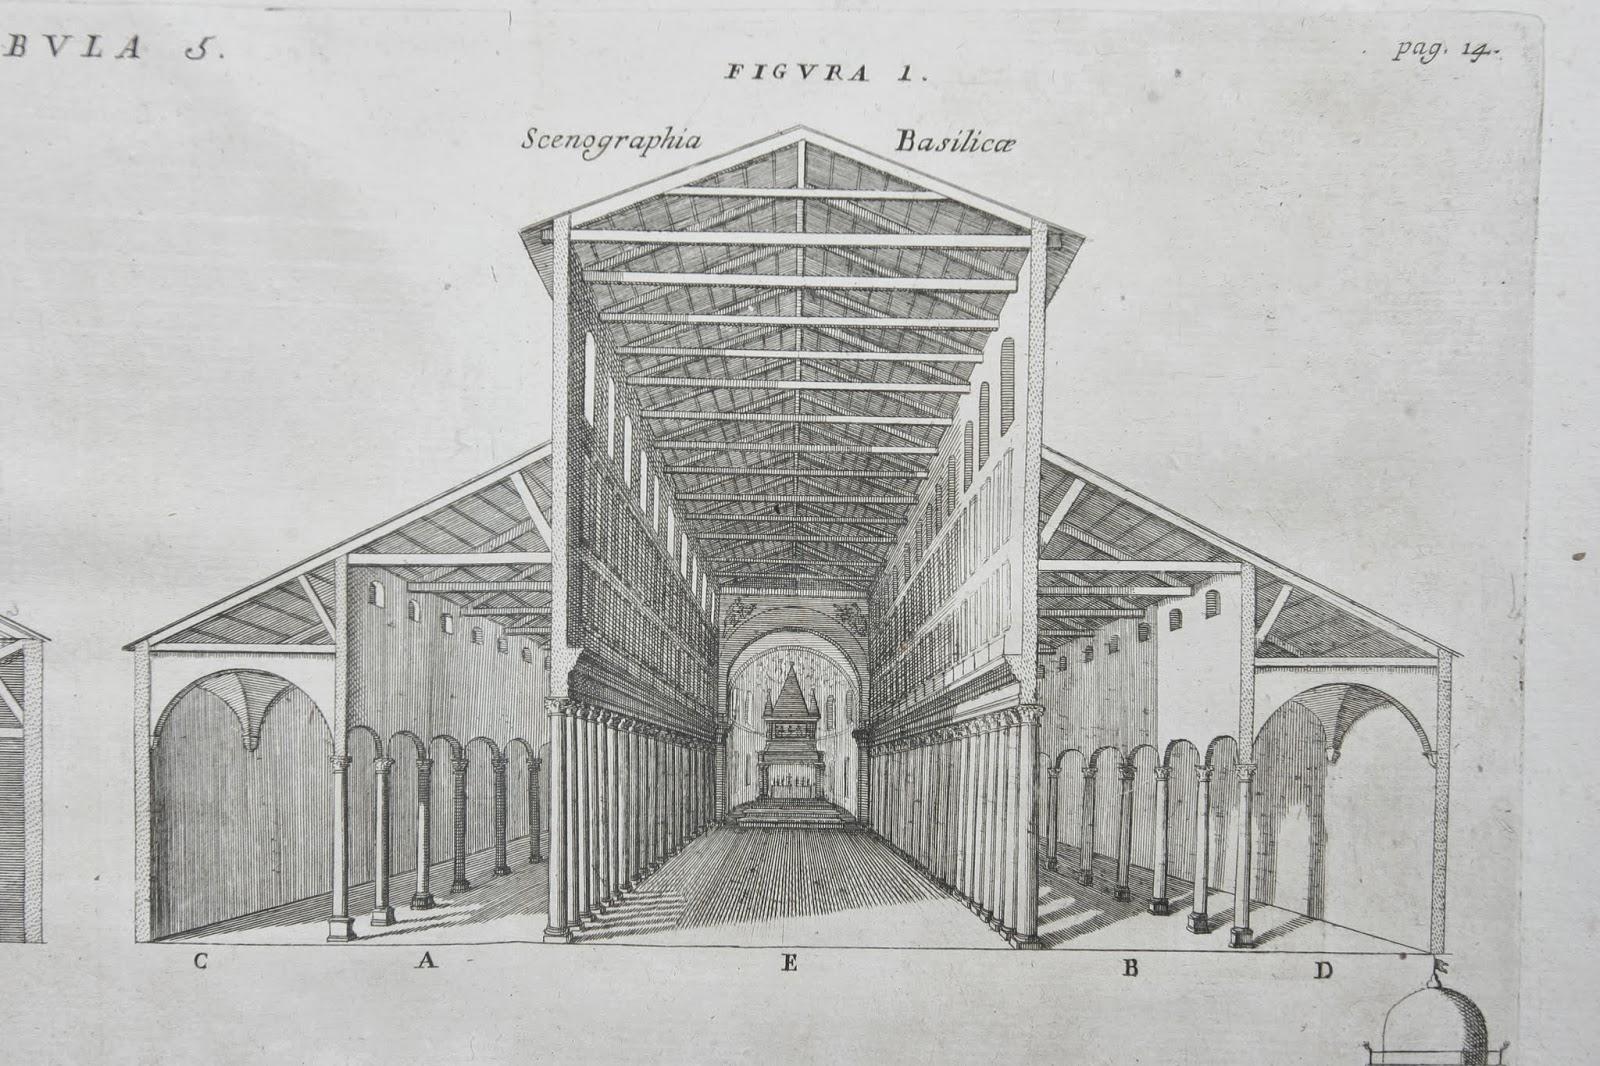 Épila Arte 2: San Pedro Del Vaticano